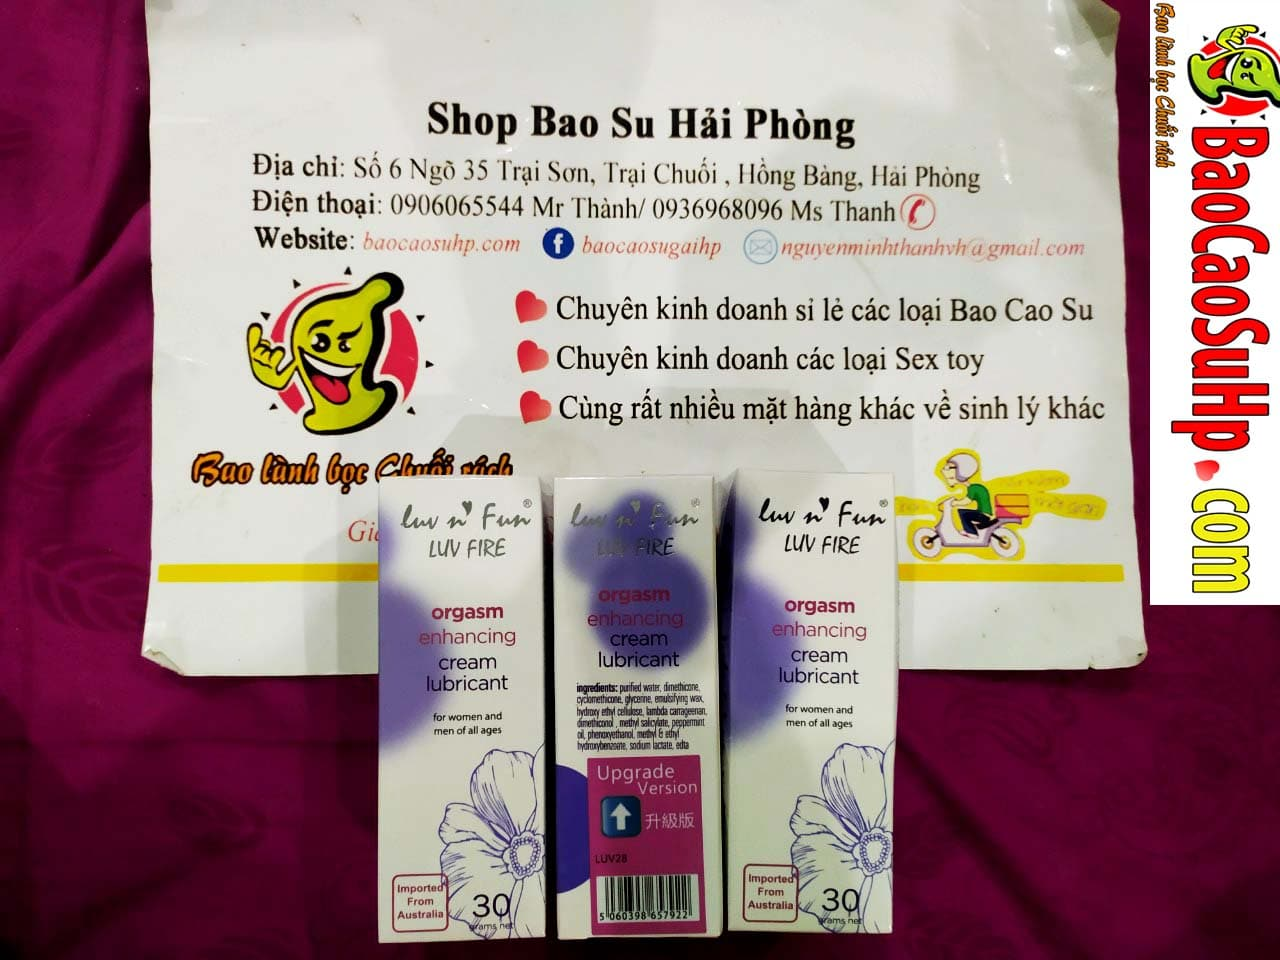 20190820134147 1248065 gel tang khoai cam luvn fun fire - Bao cao su sextoy cao cấp các loại hàng về ngày 20.08.2019